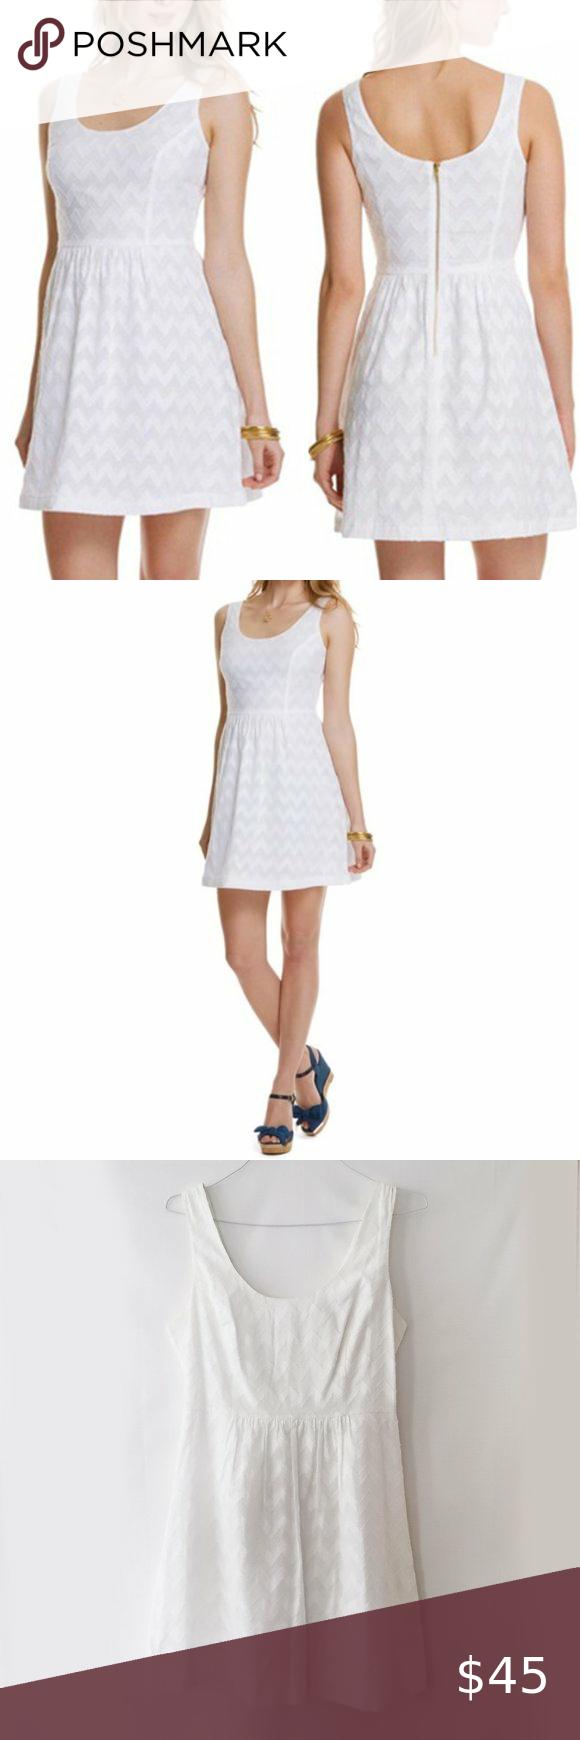 Vineyard Vines Chevron Jacquard Skater Dress Vineyard Vines White Chevron Jacquard Skater Dress Size 8 Condition Excellent Dresses Skater Dress Clothes Design [ 1740 x 580 Pixel ]